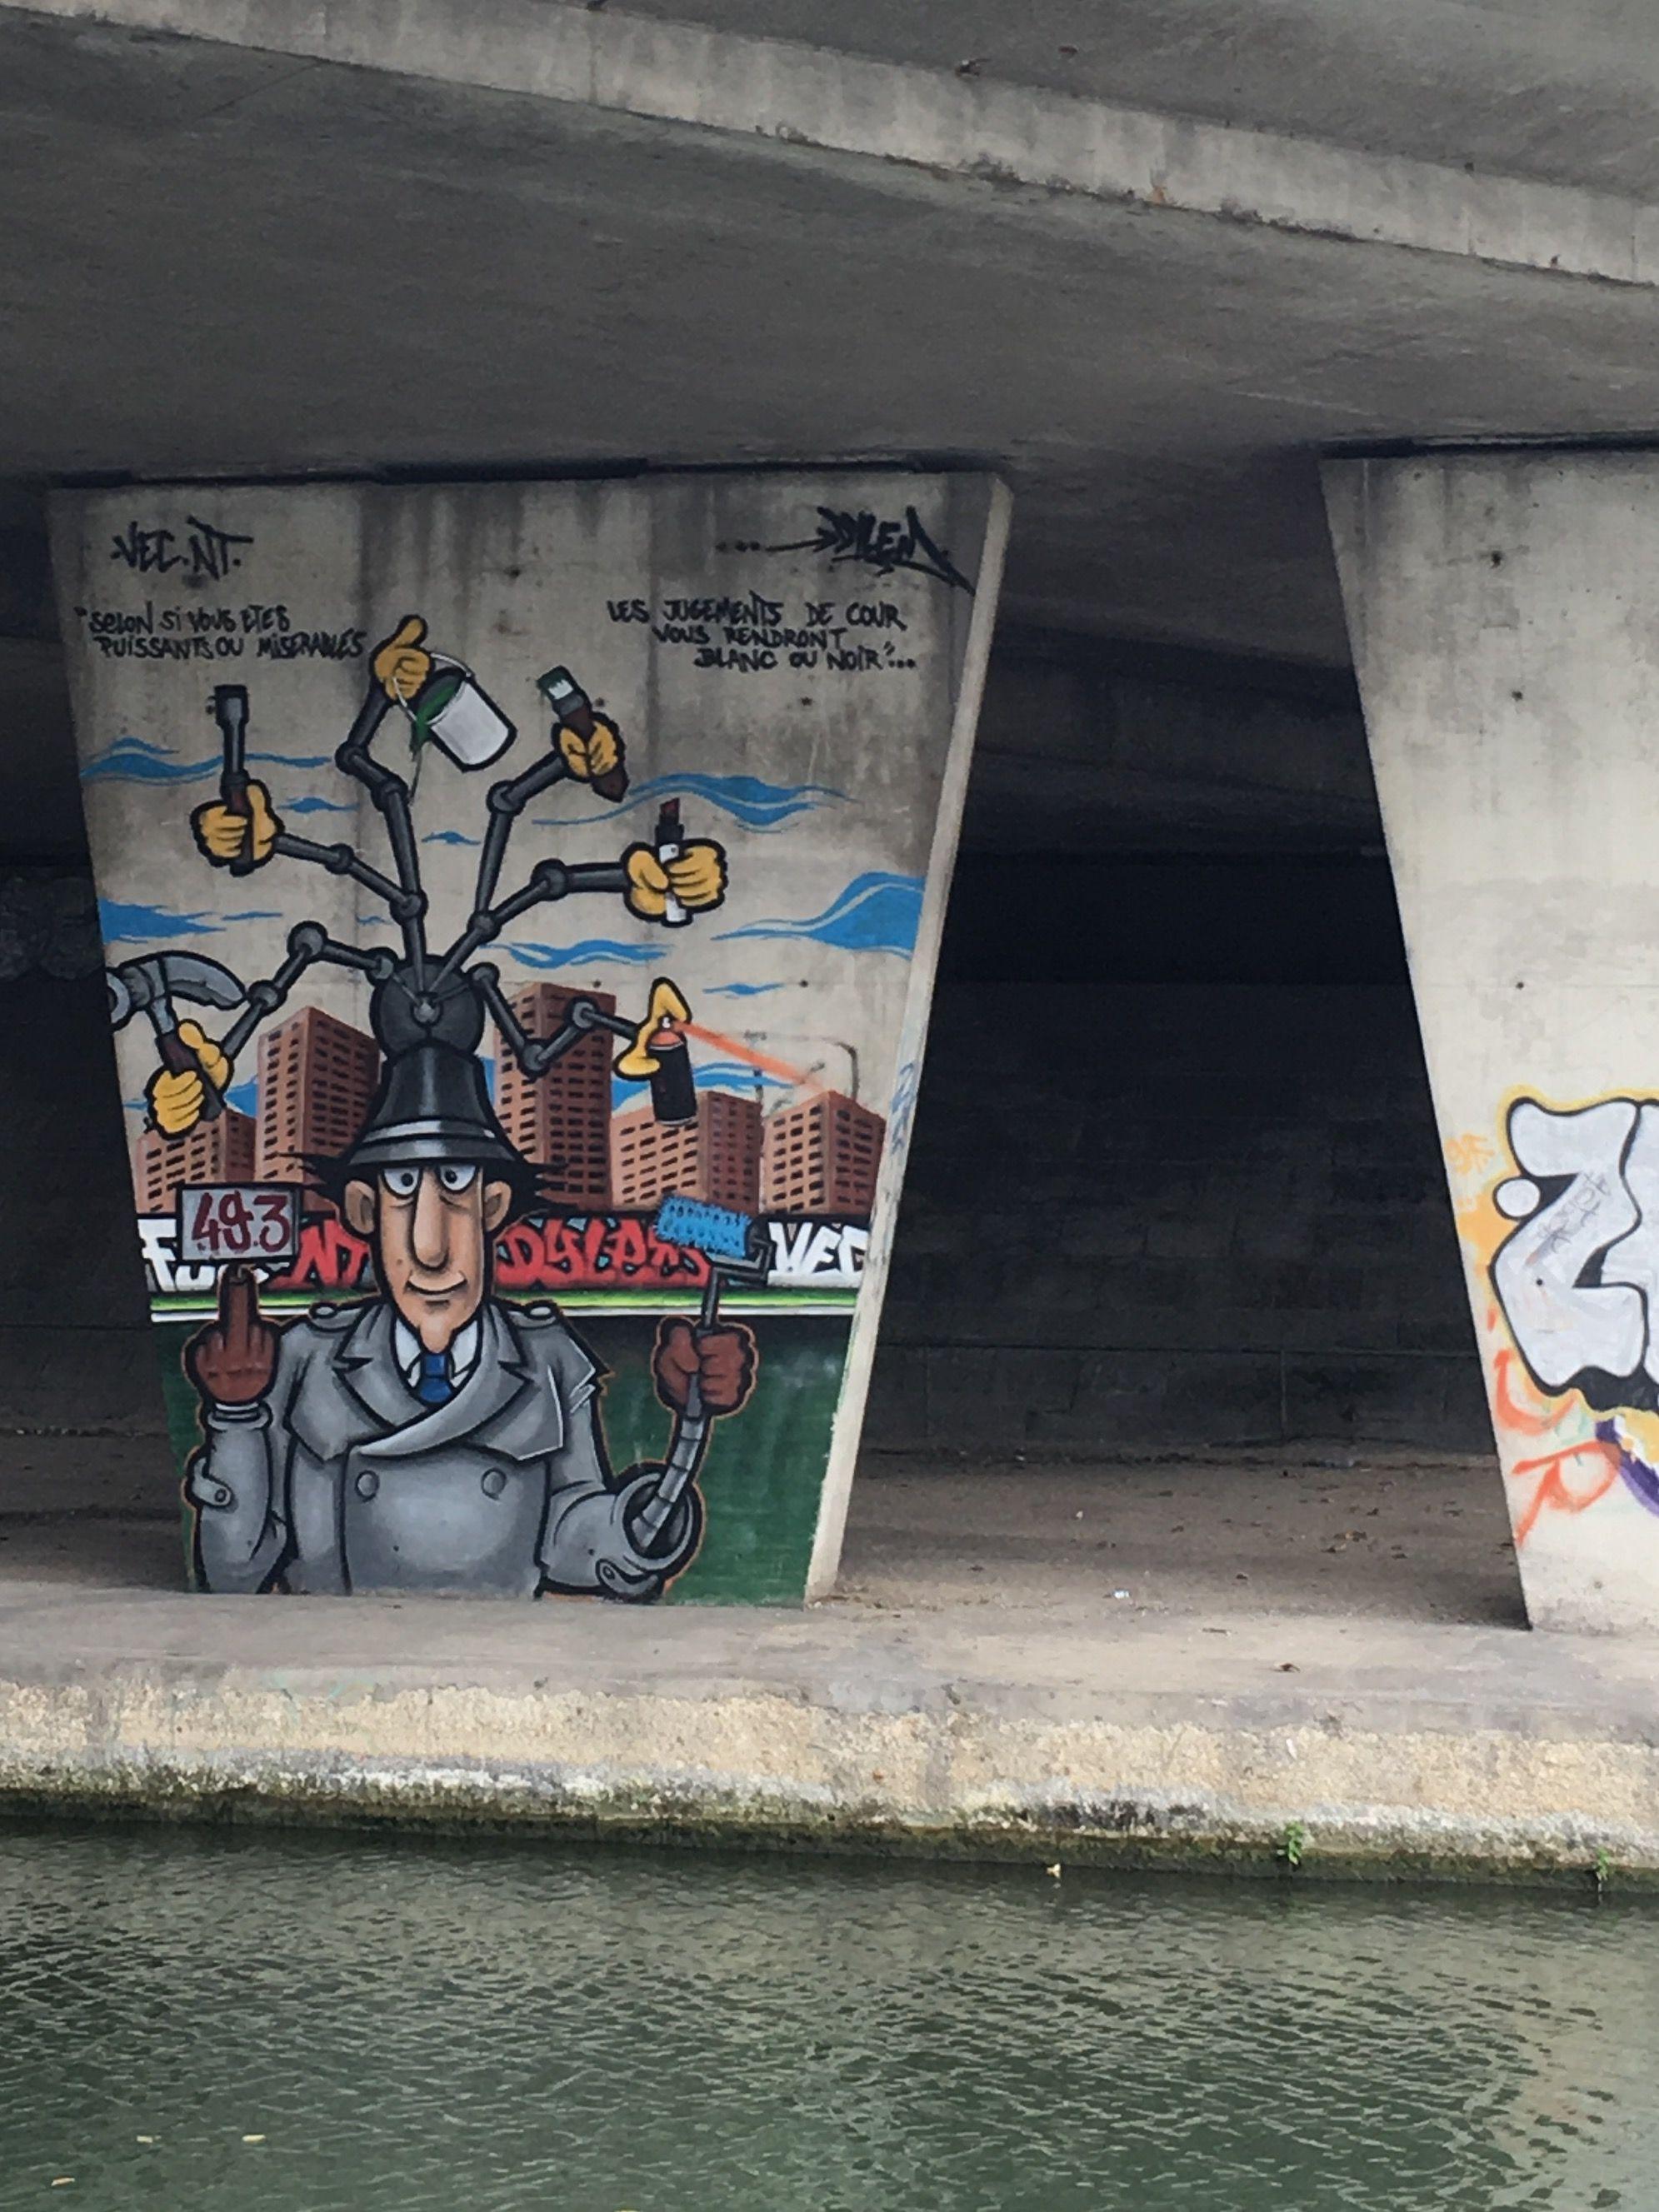 Inspecteur gadget canal de l ourcq personnage de dessin anim street art paris ile de france - Inspecteur gadget dessin anime ...